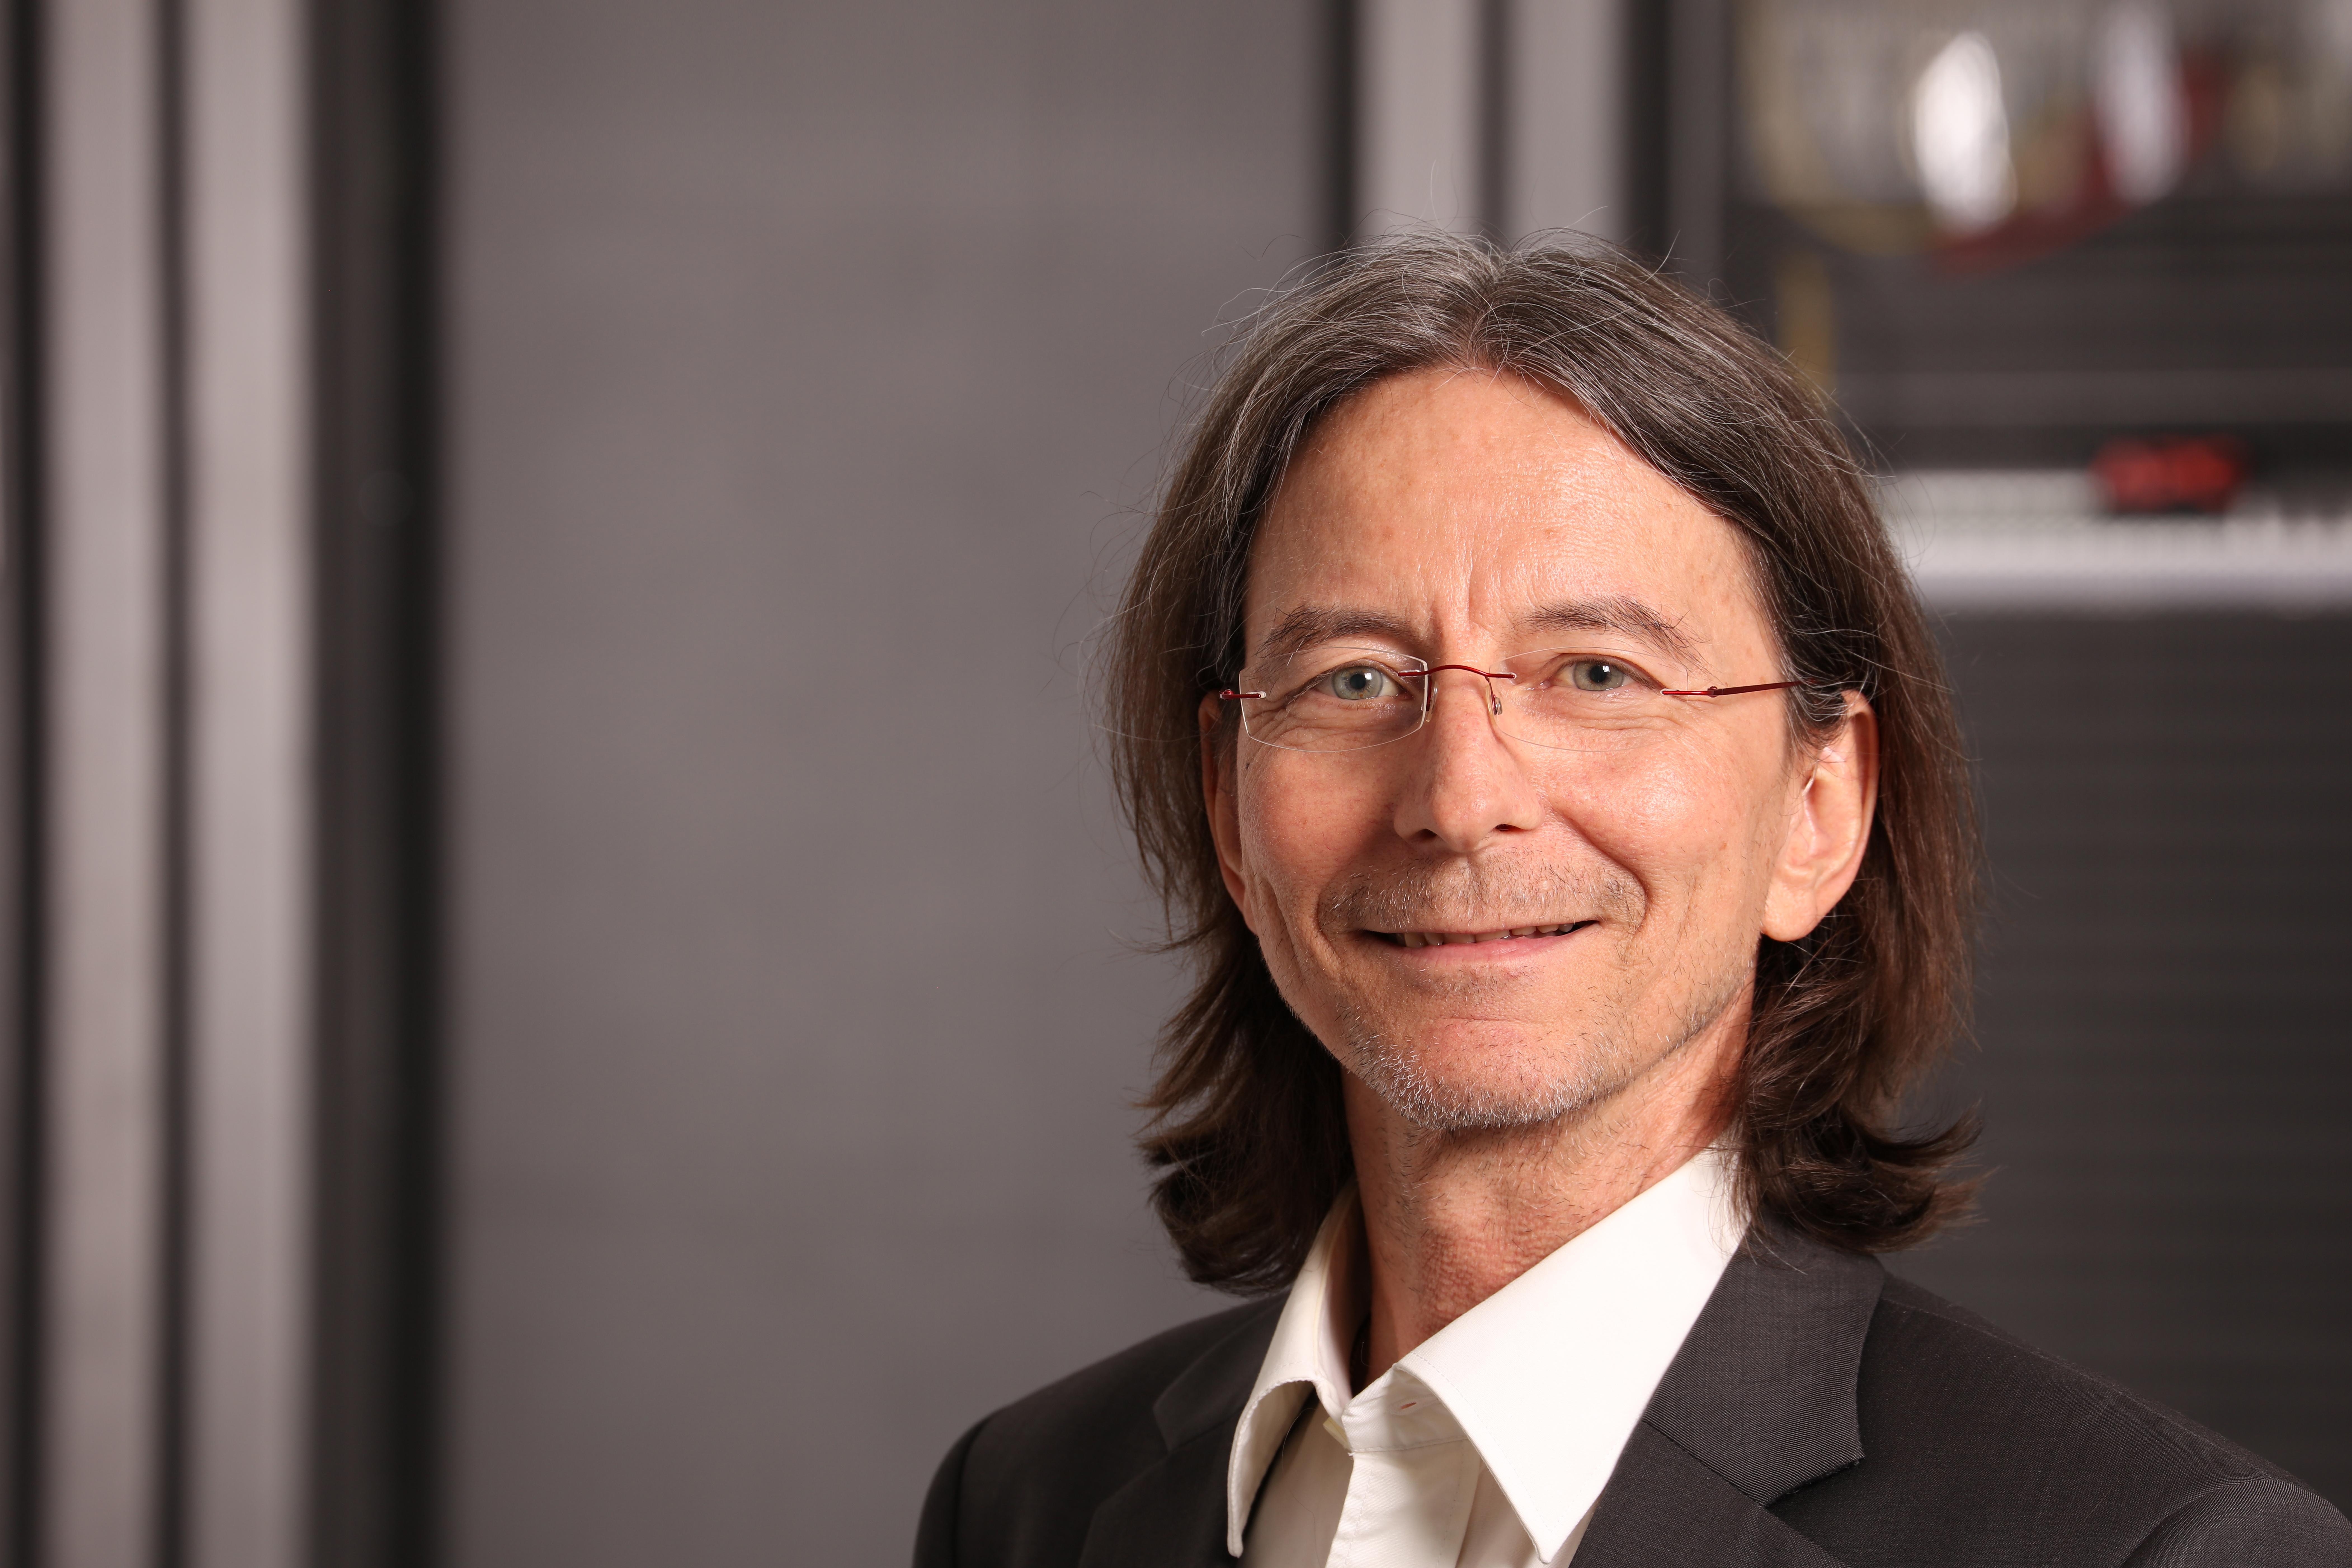 Bruno Gantenbein